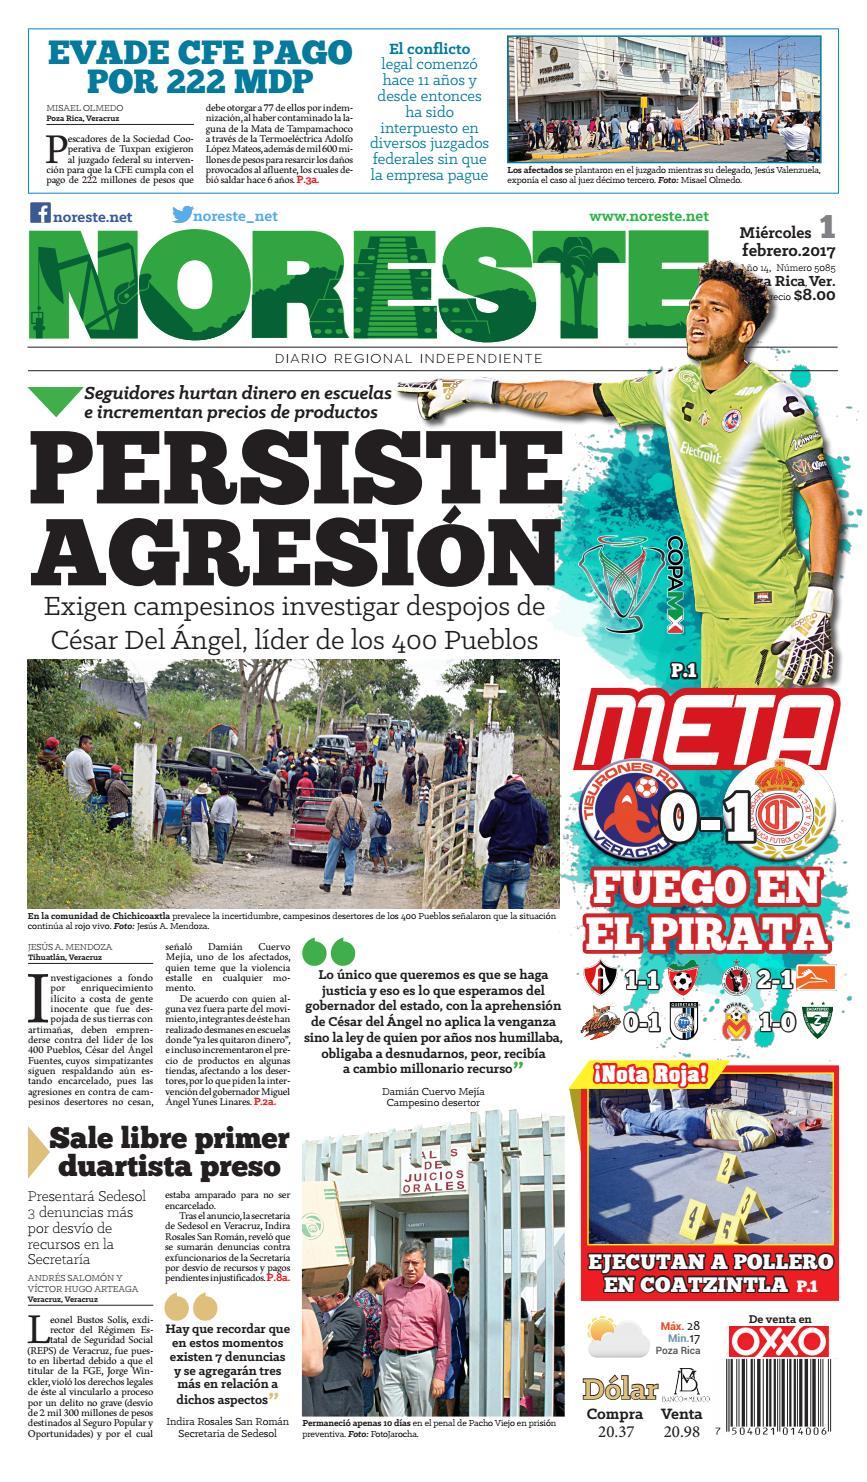 Versi N Impresa 1 De Febrero 2017 By Noreste Diario Regional  # Muebles Metalicos Juquila